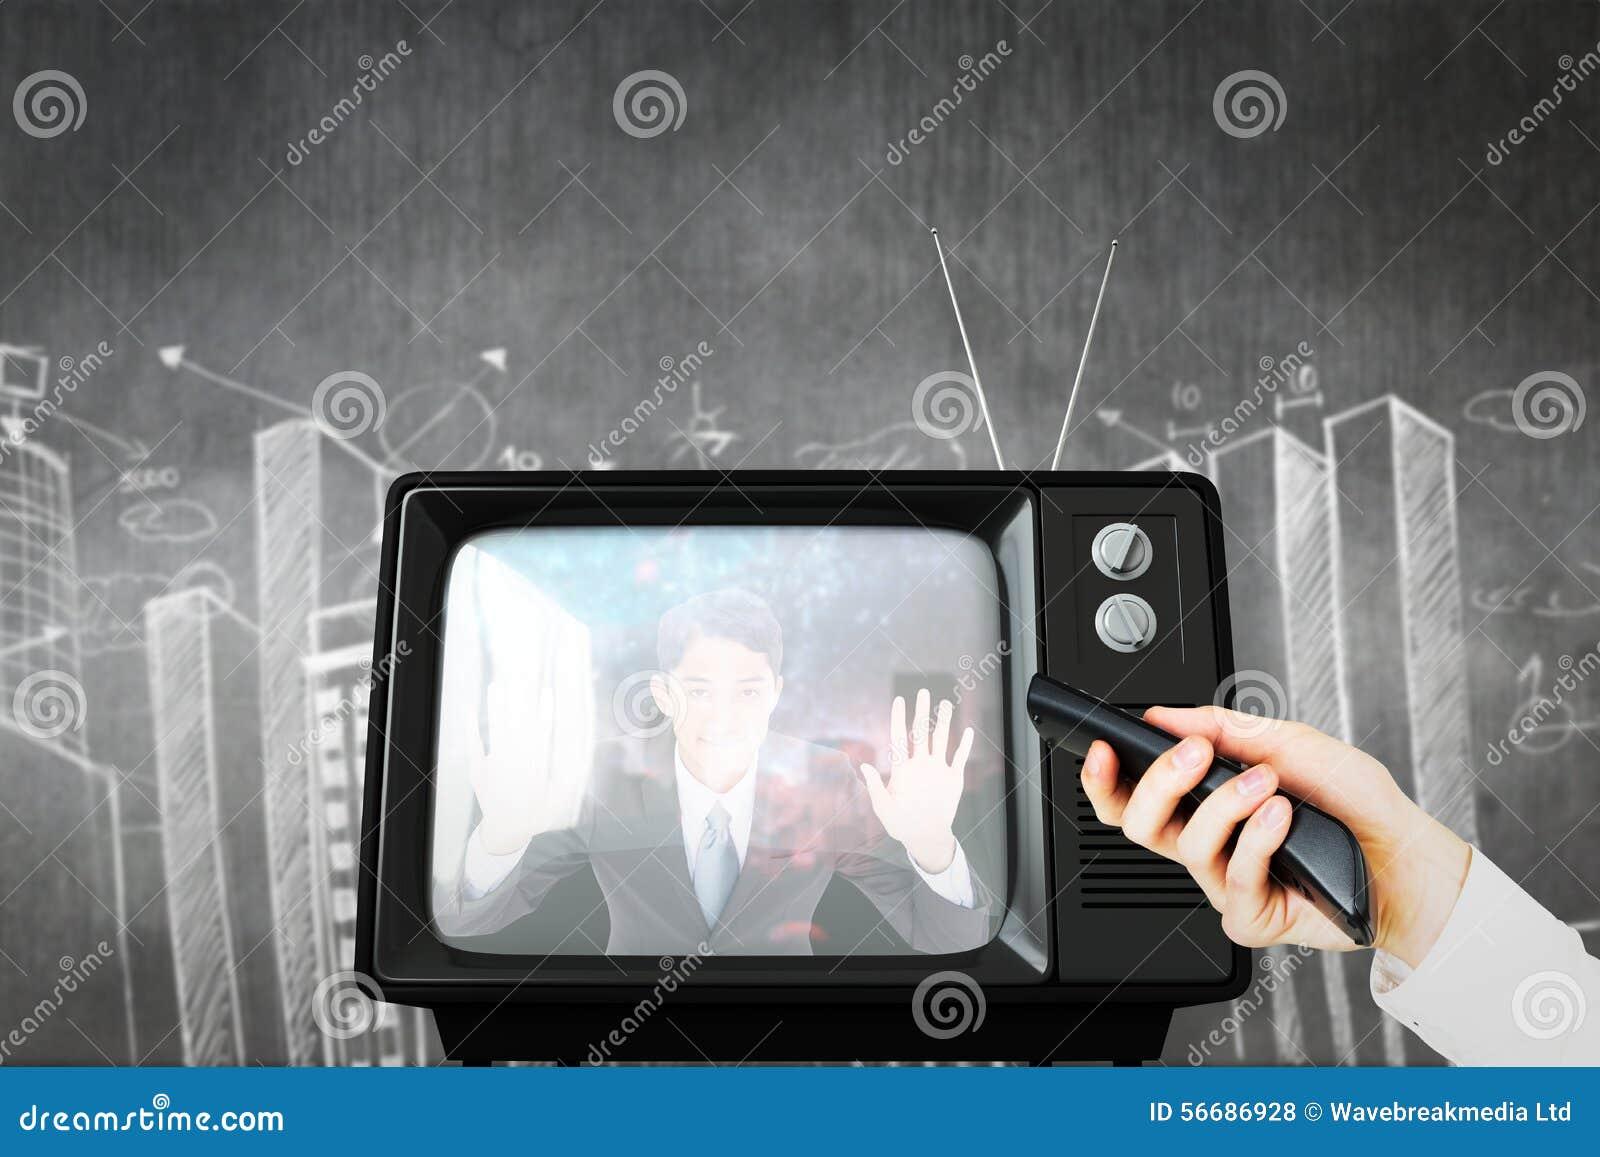 Samengesteld beeld van hand die afstandsbediening met behulp van